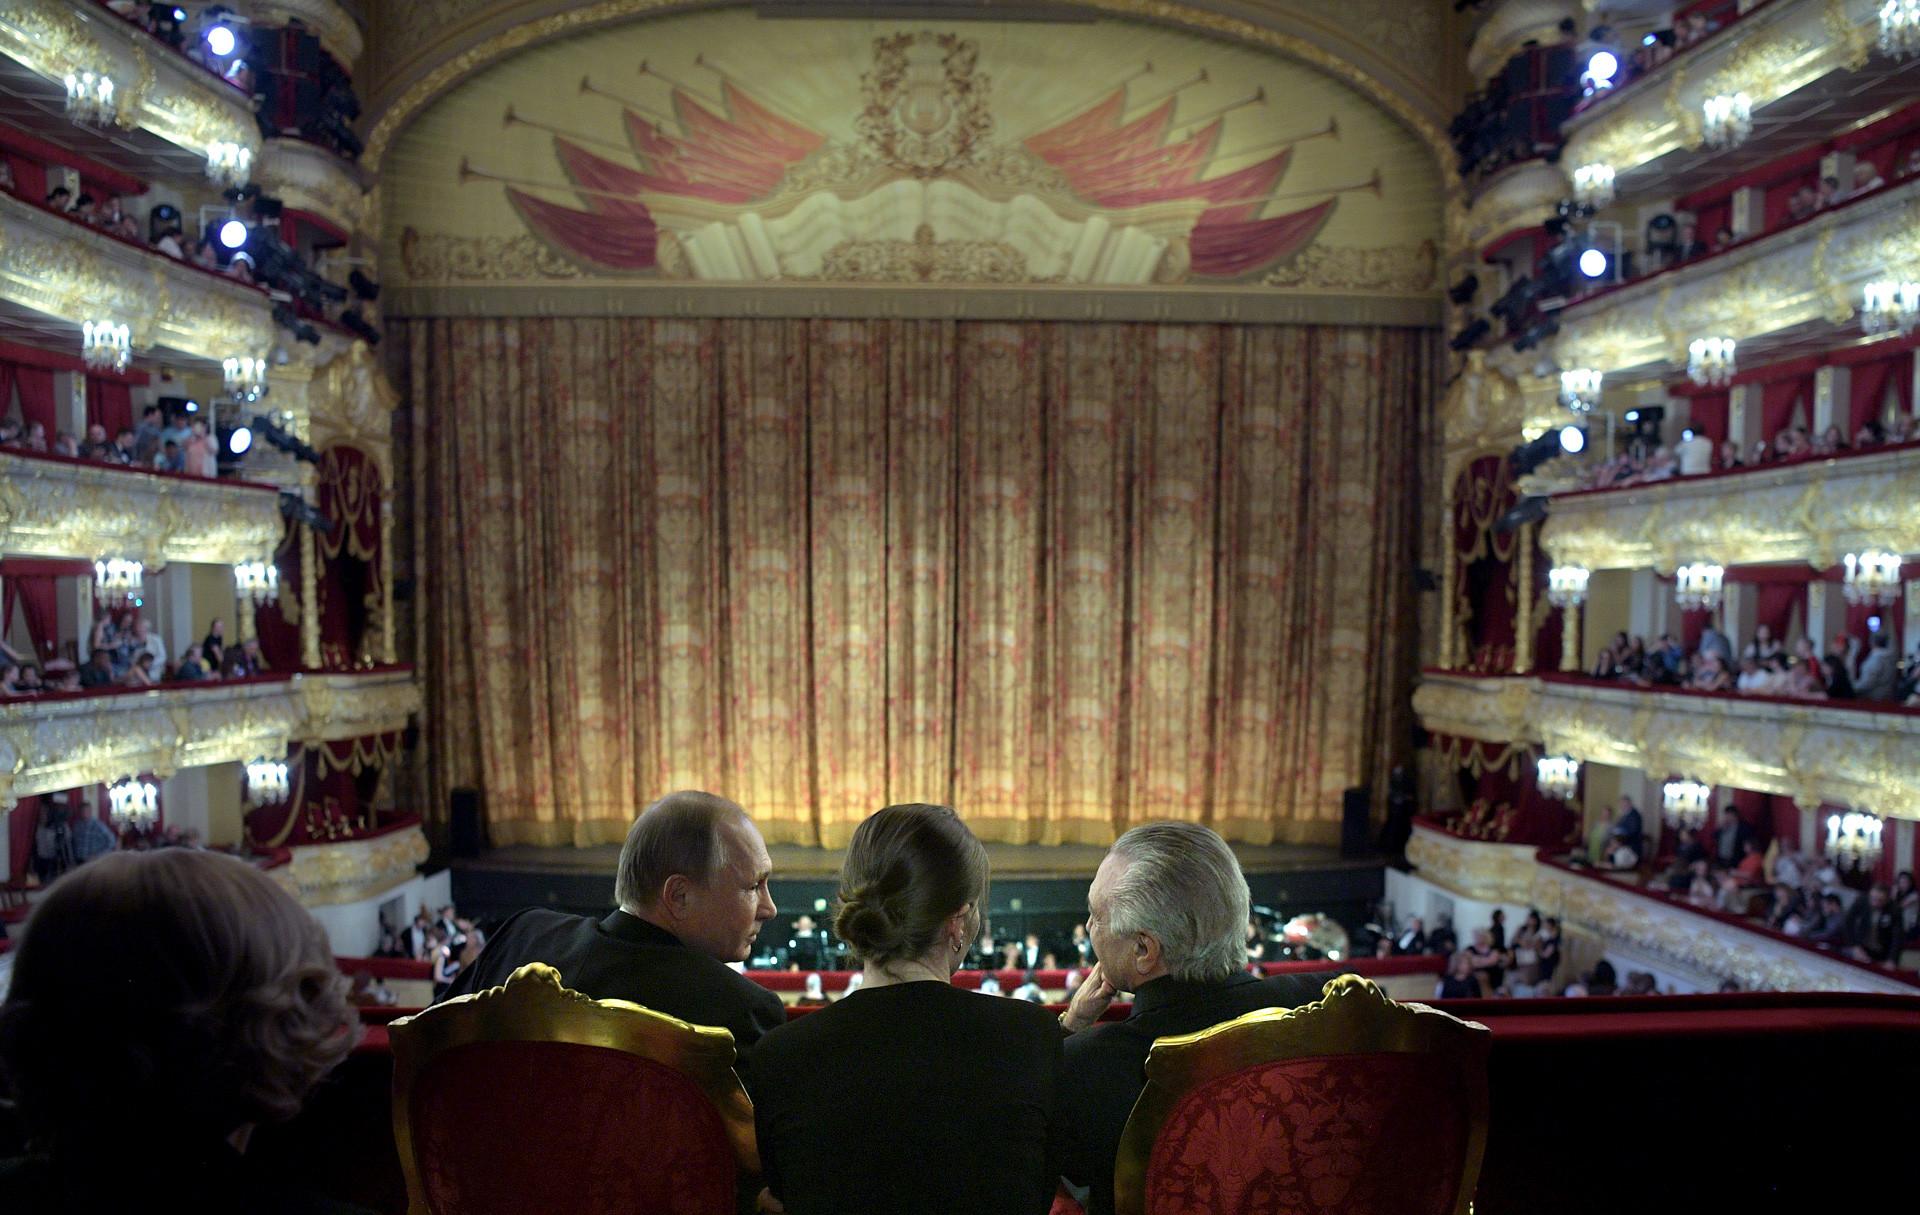 ウラジーミル・プーチン大統領とブラジルのミシェル・テメル大統領、ボリショイ劇場